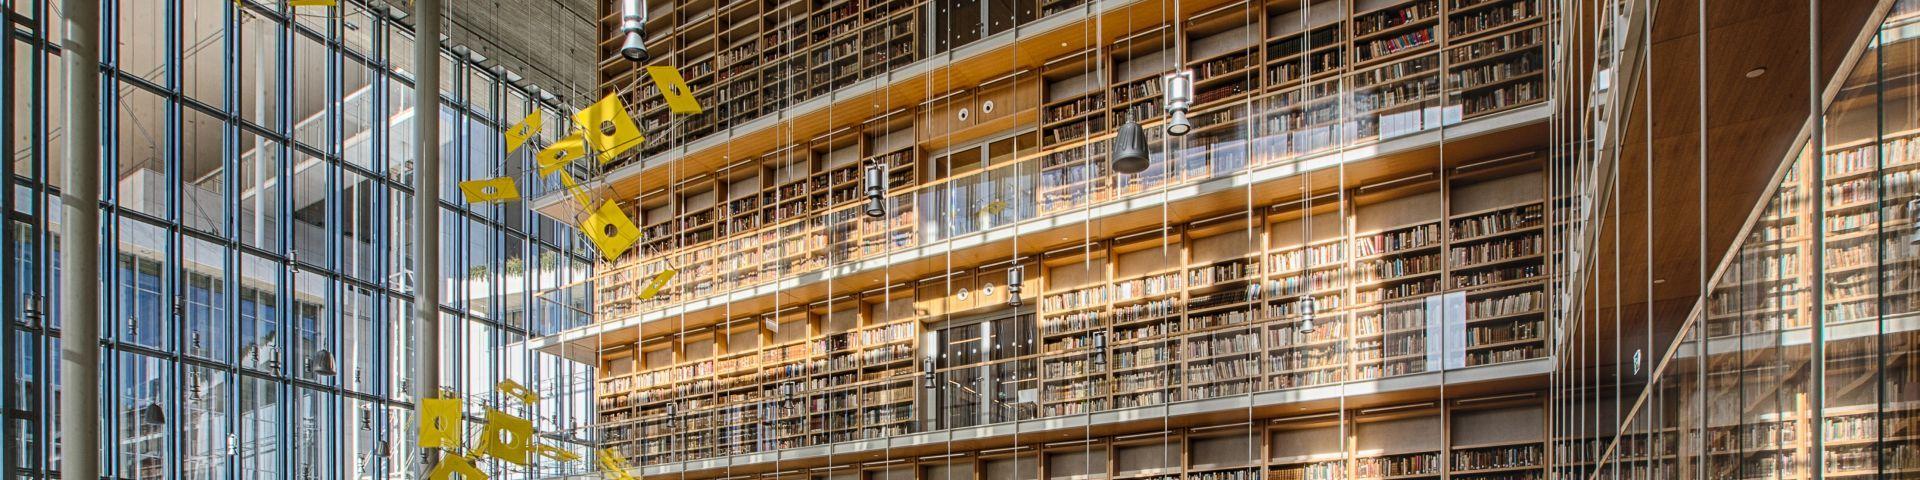 Το Κτίριο της Εθνικής Βιβλιοθήκης της Ελλάδος - Εικόνα